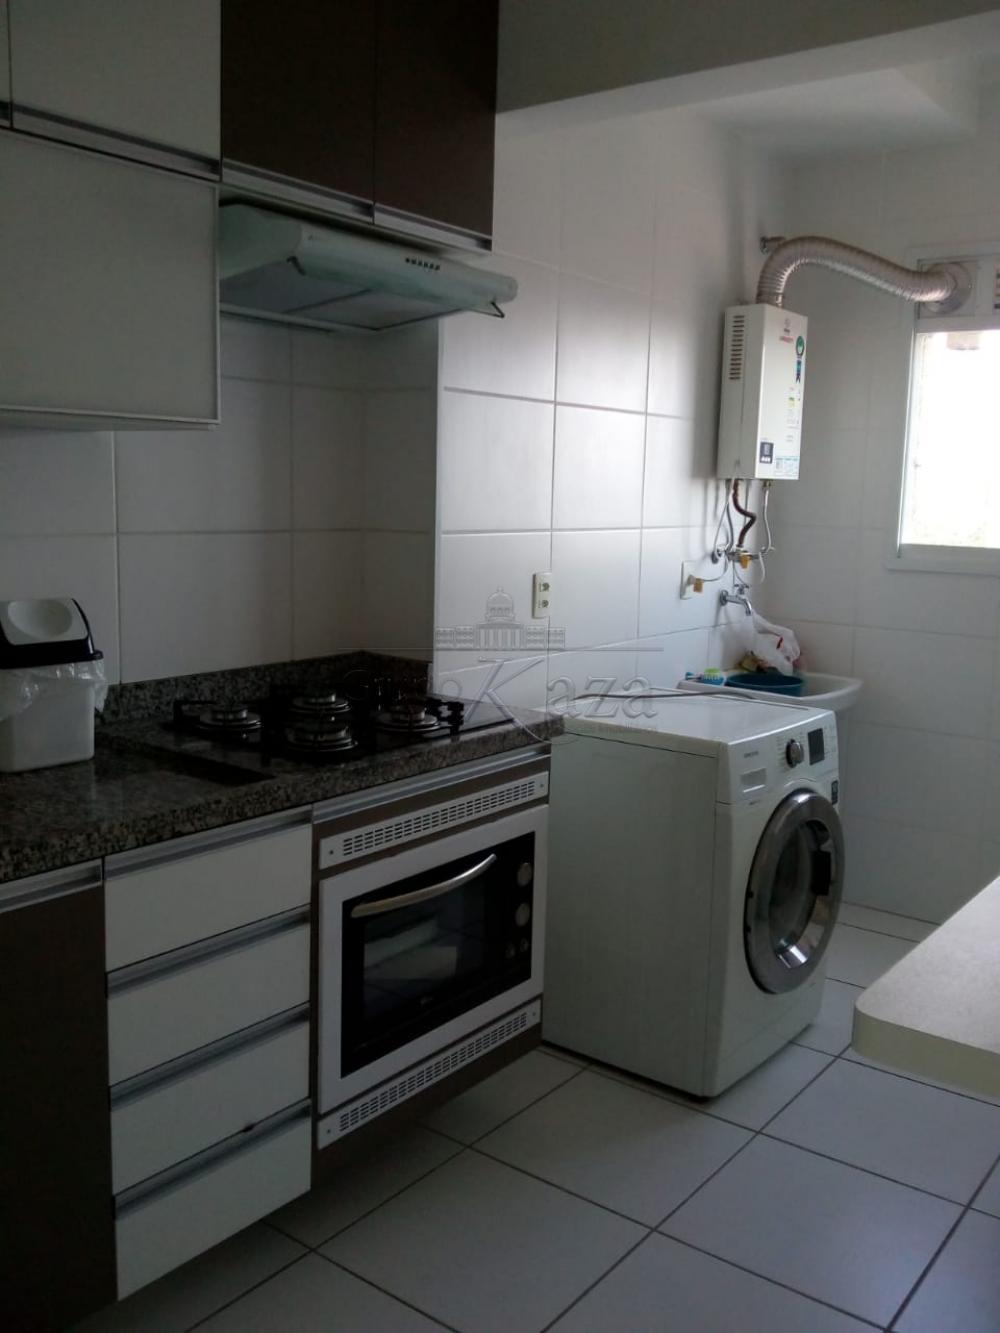 Comprar Apartamento / Padrão em São José dos Campos apenas R$ 360.000,00 - Foto 25